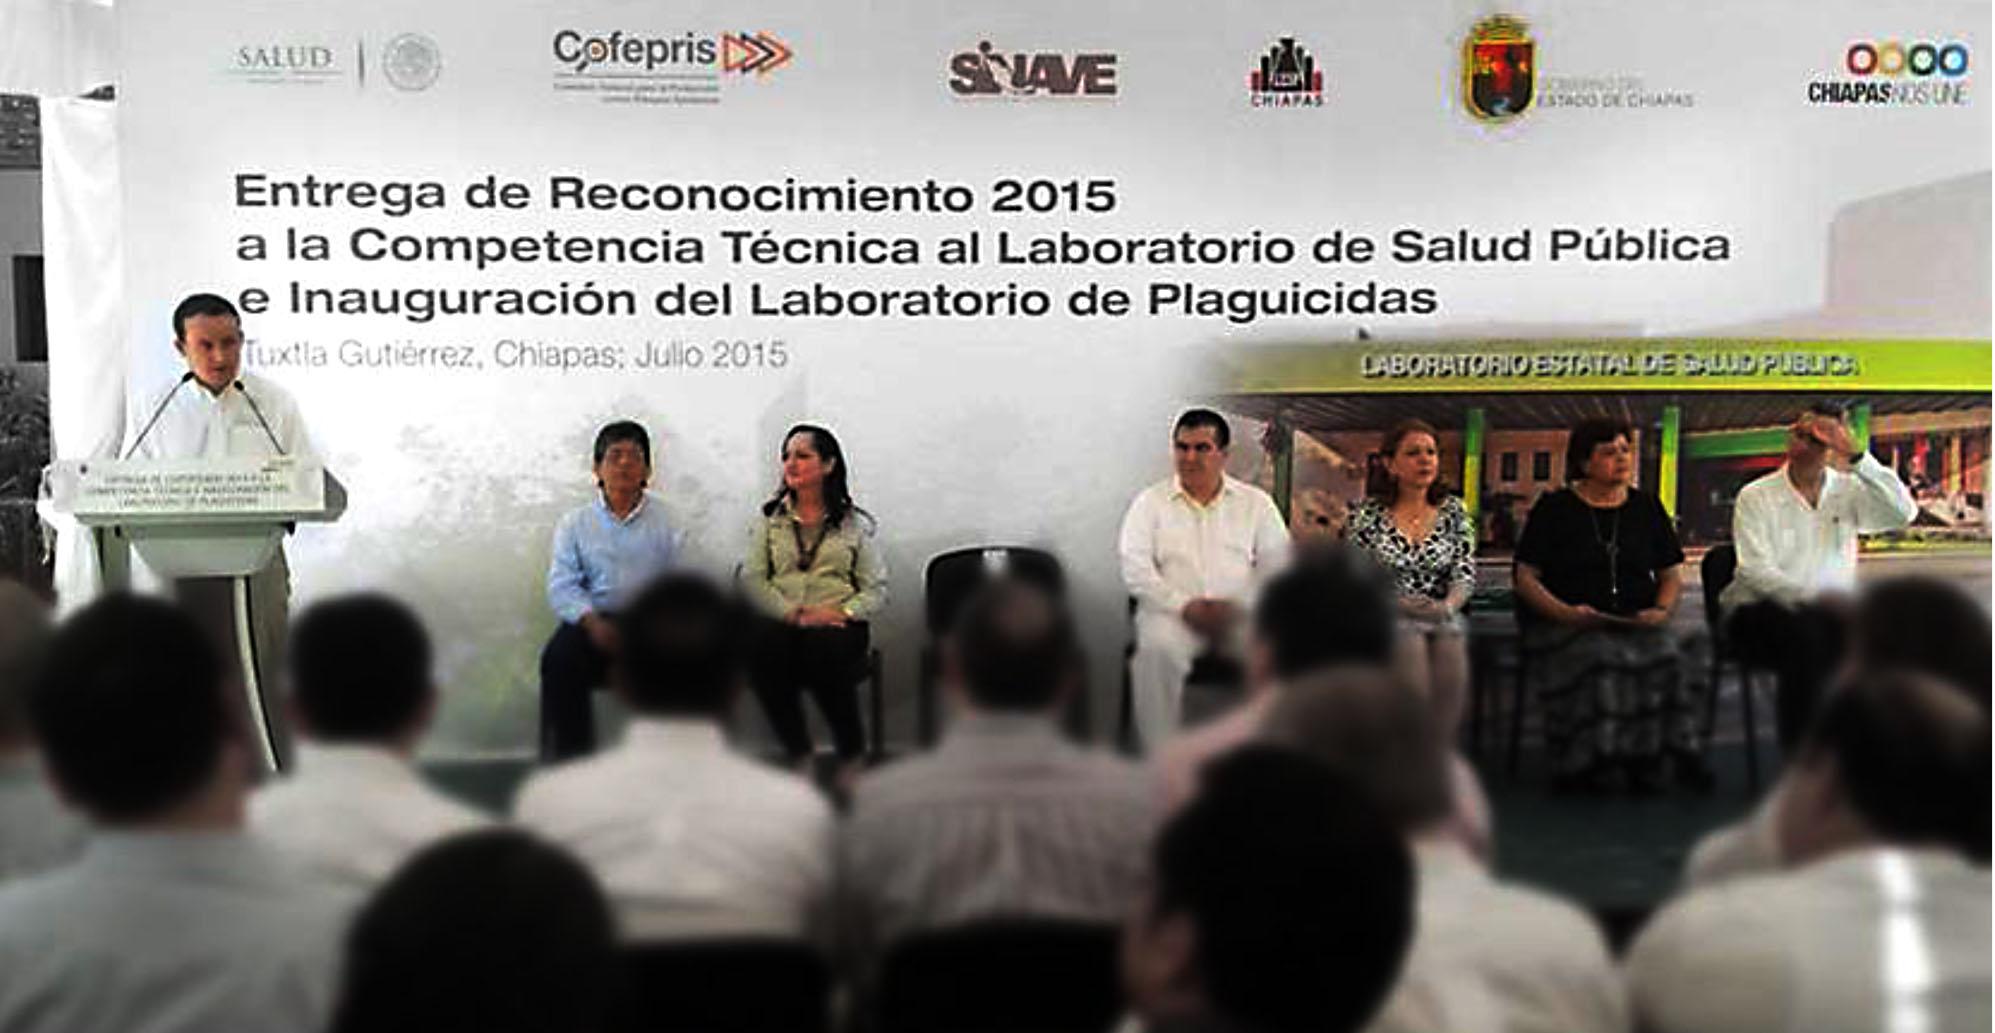 """Primer laboratorio en obtener el """"Reconocimiento a la Competencia Técnica 2015"""""""